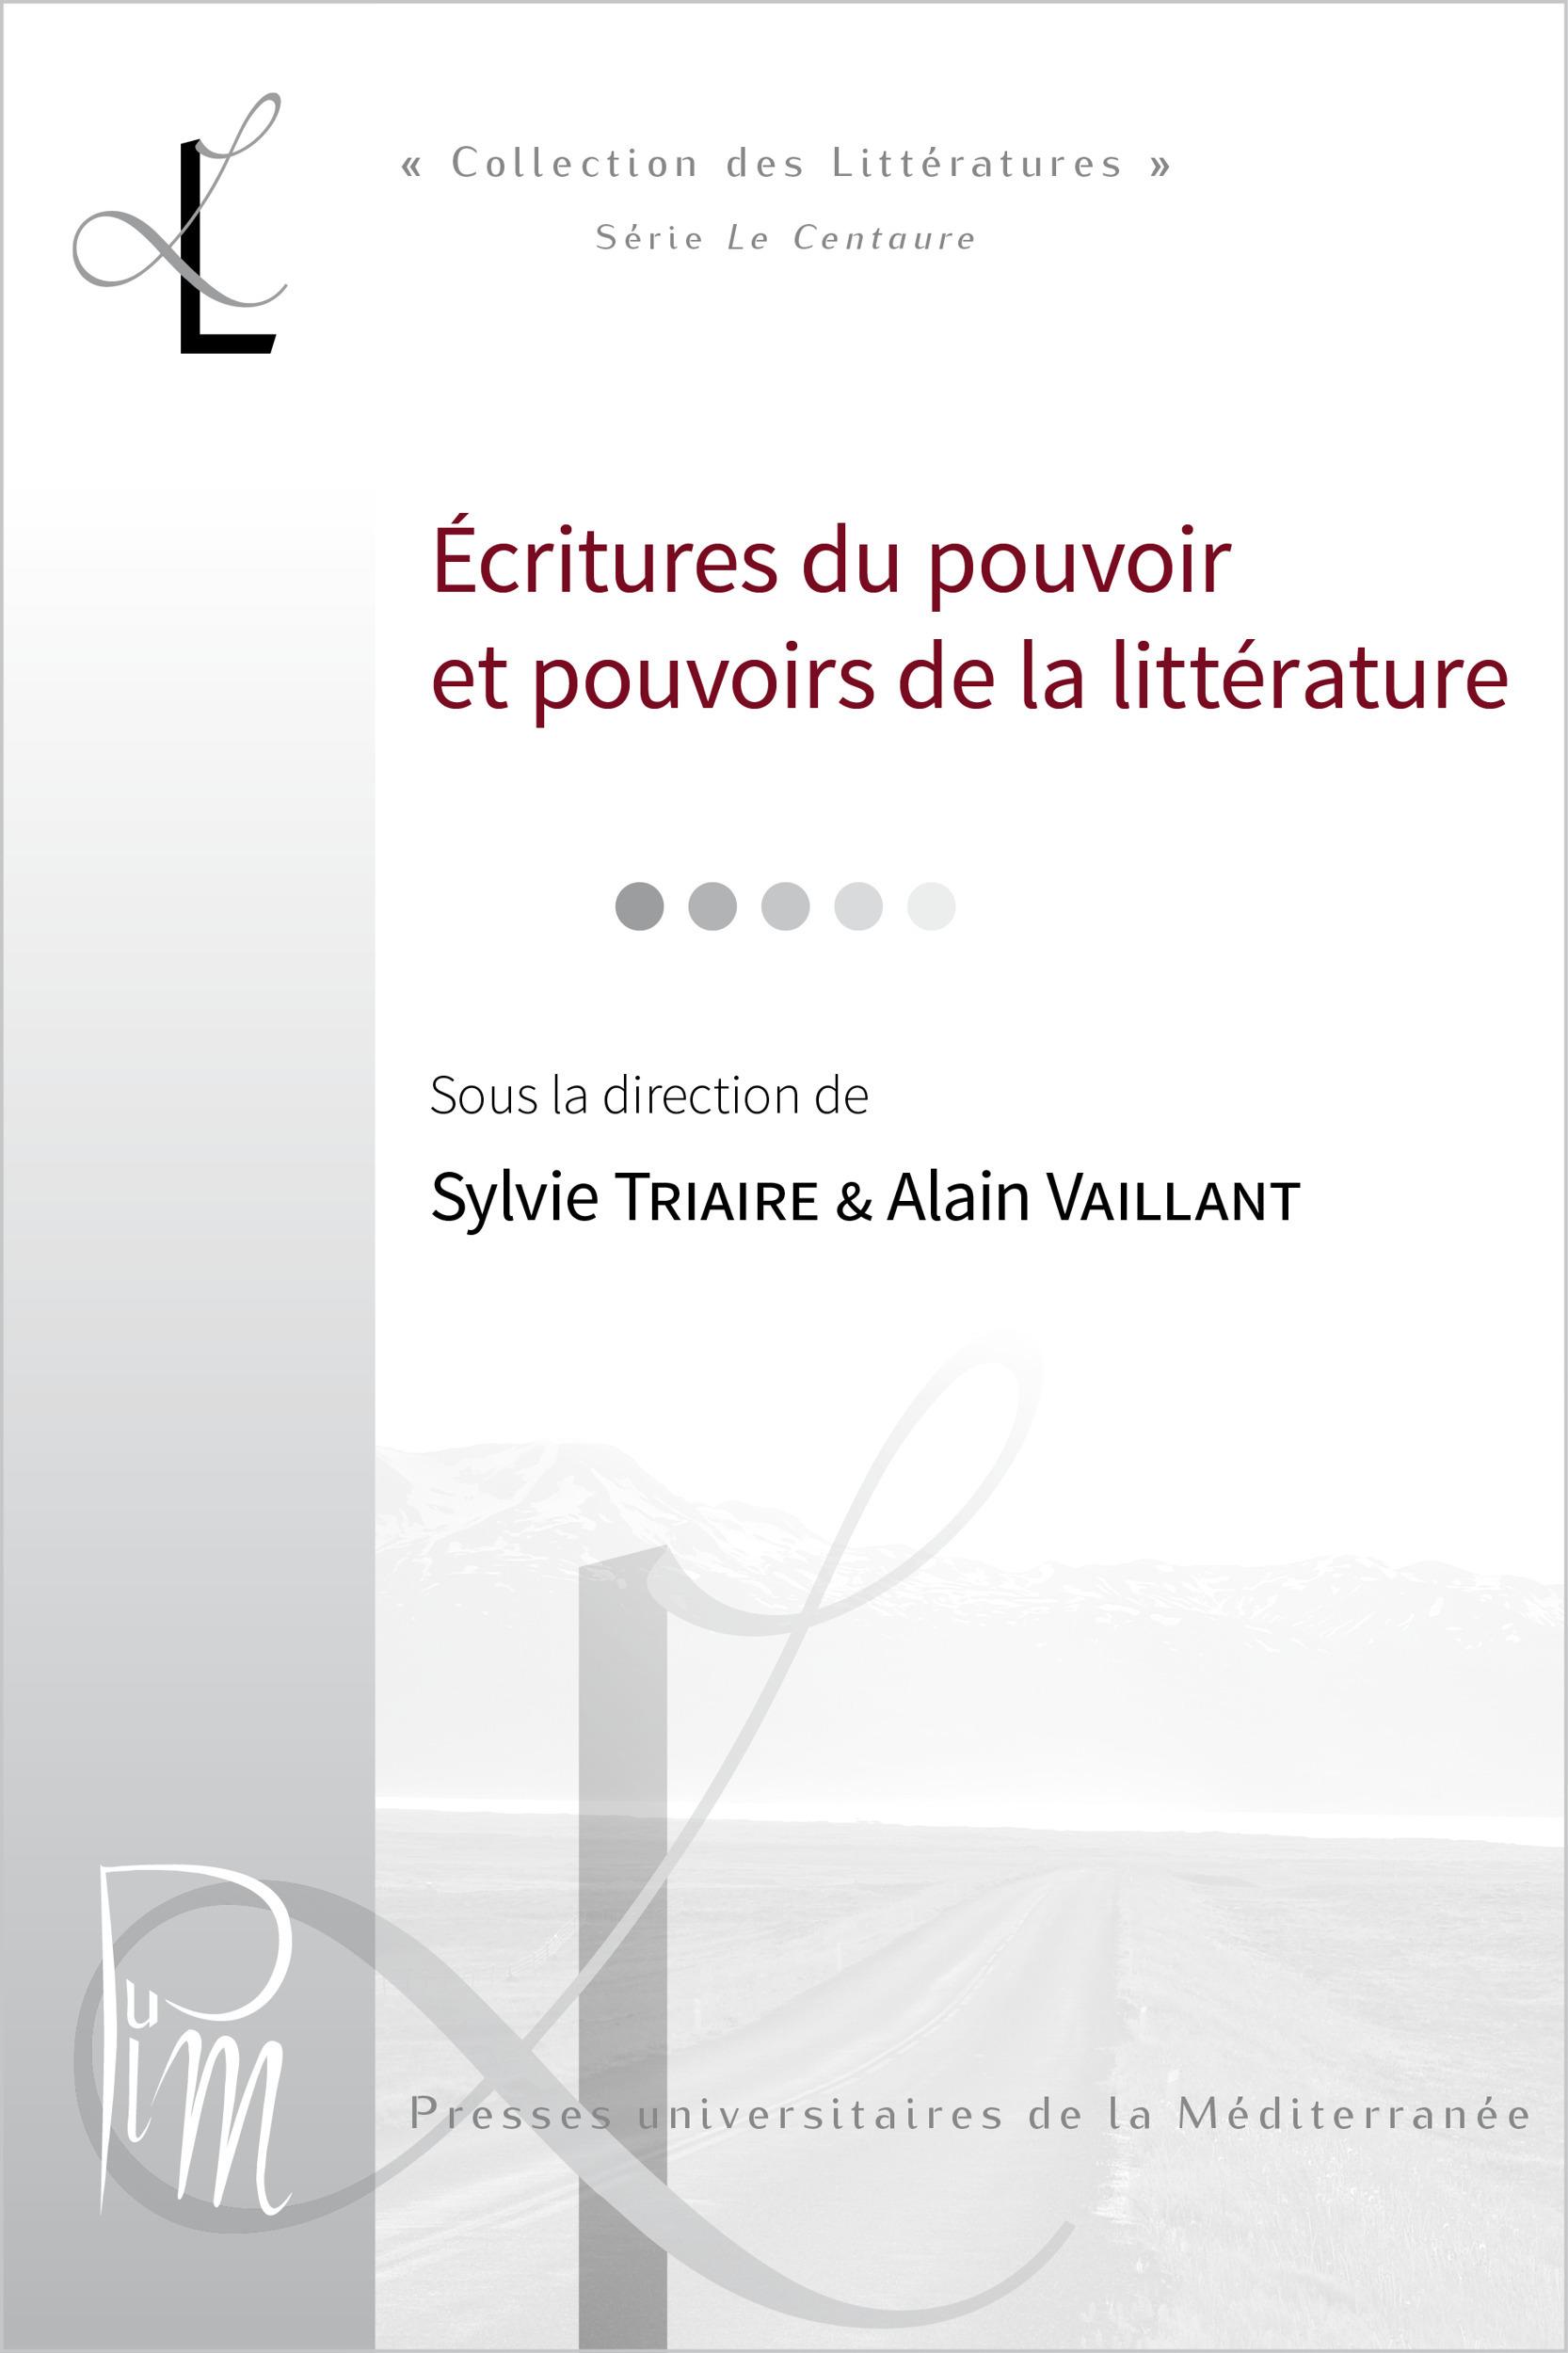 Ecritures du pouvoir et pouvoirs de la litterature.3 juin 2001